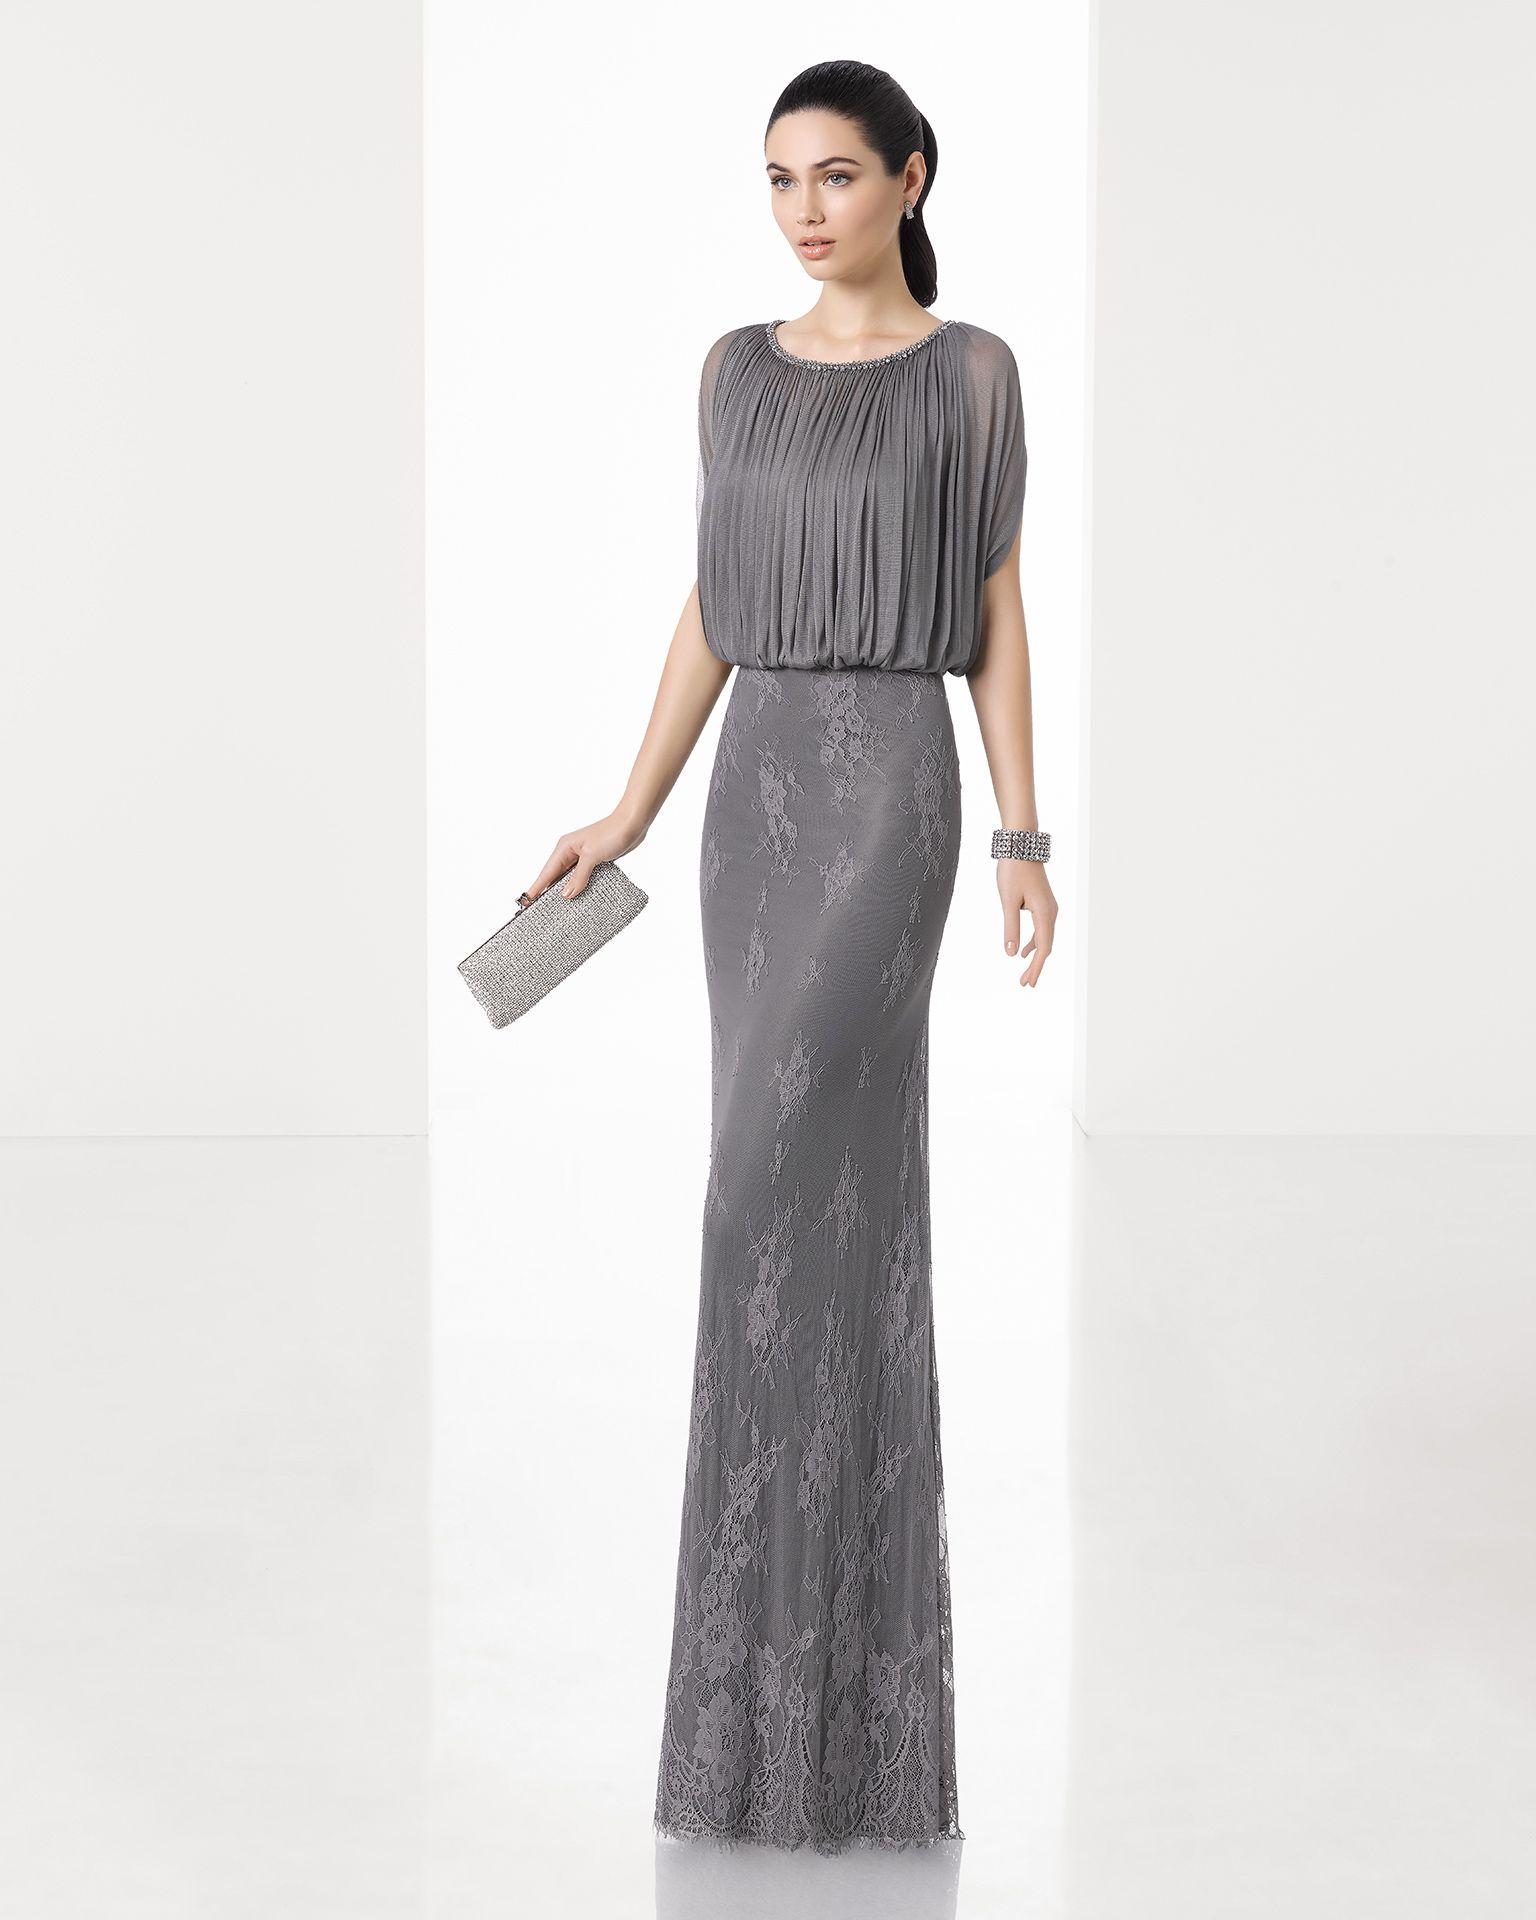 bb8aa232a Vestido de fiesta largo silueta con cuerpo de muselina de seda y falda de  encaje